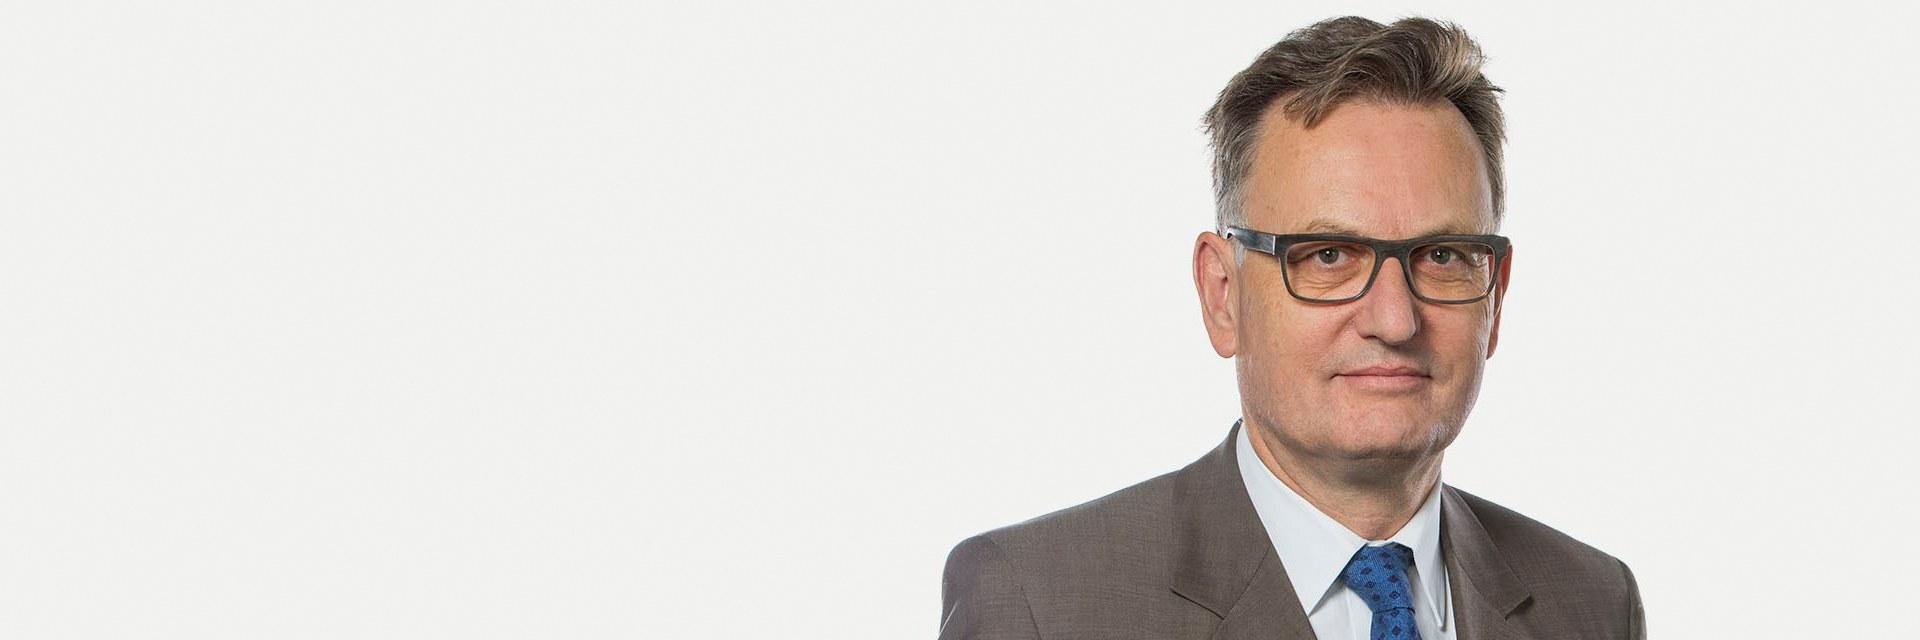 Prof. Matthias Ackermann